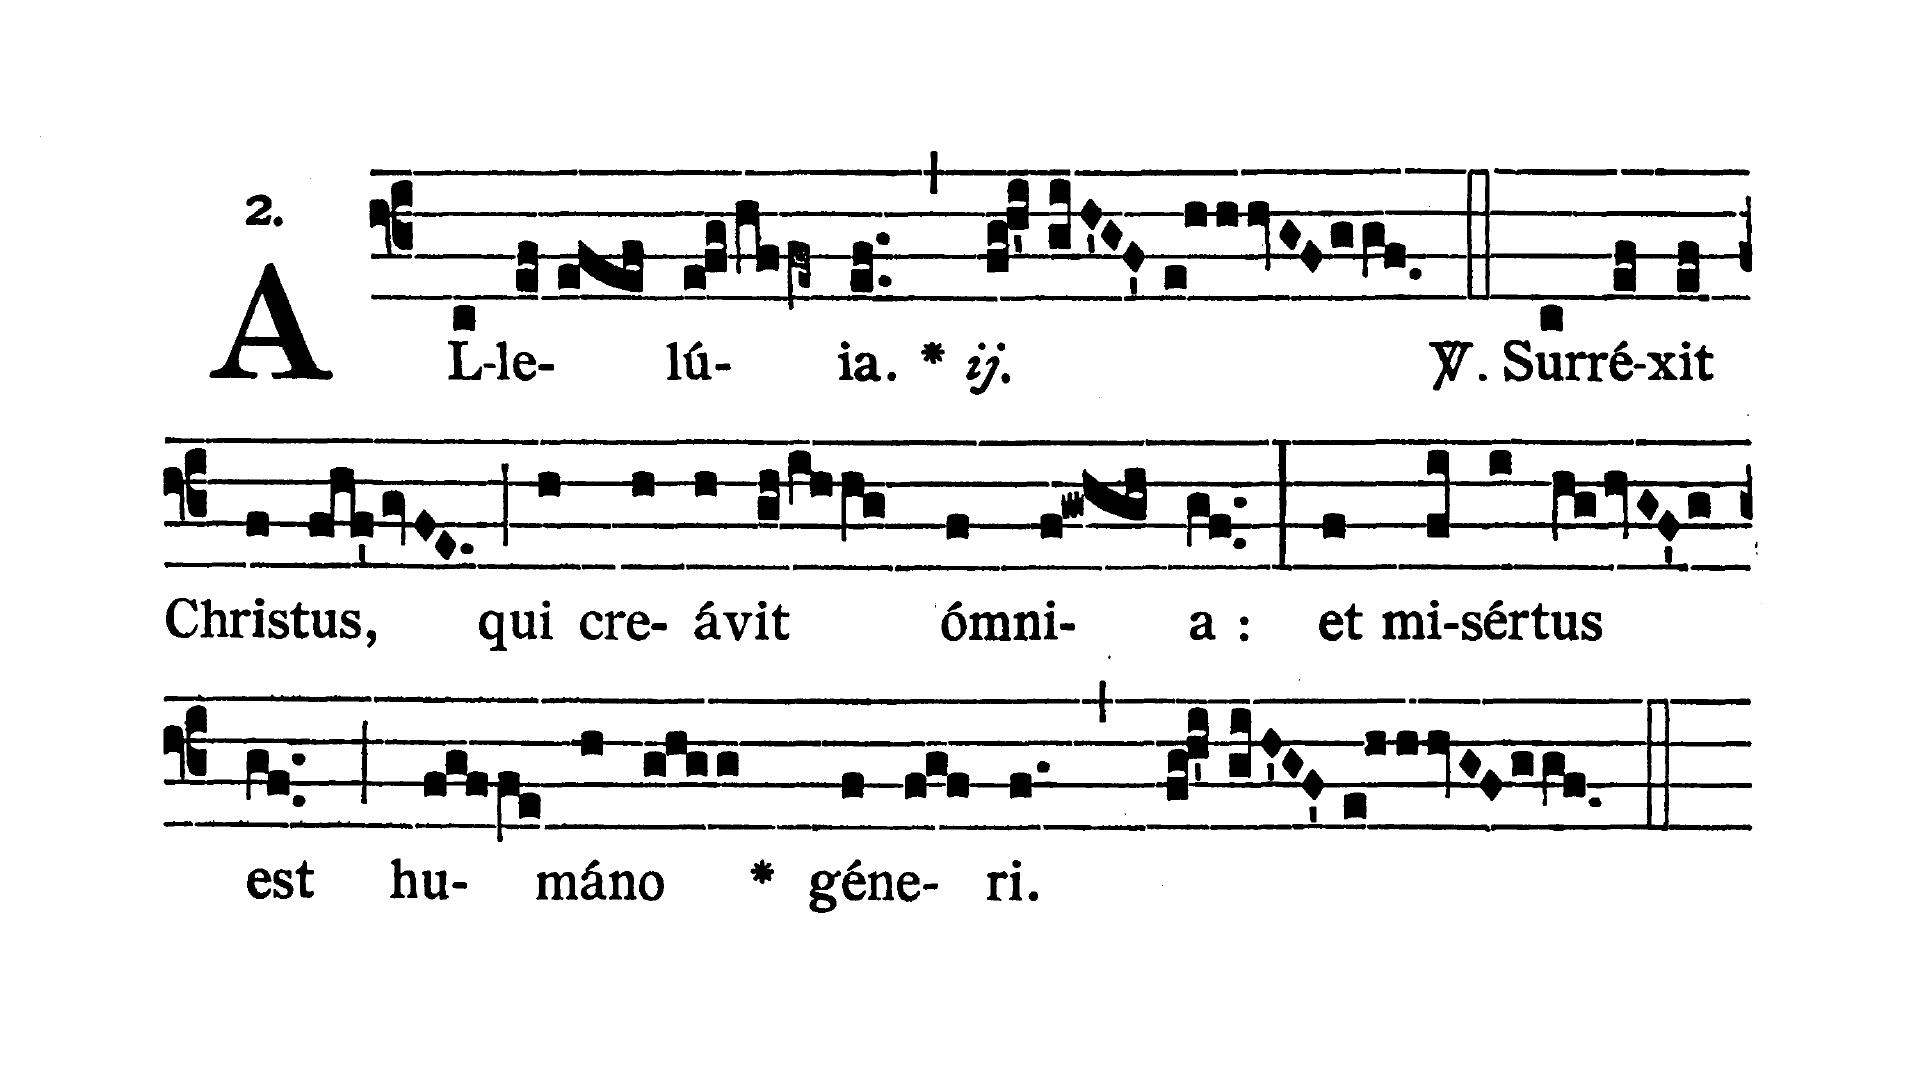 Feria quinta post Pascha (Czwartek Wielkanocny) - Alleluia (Surrexit Christus)